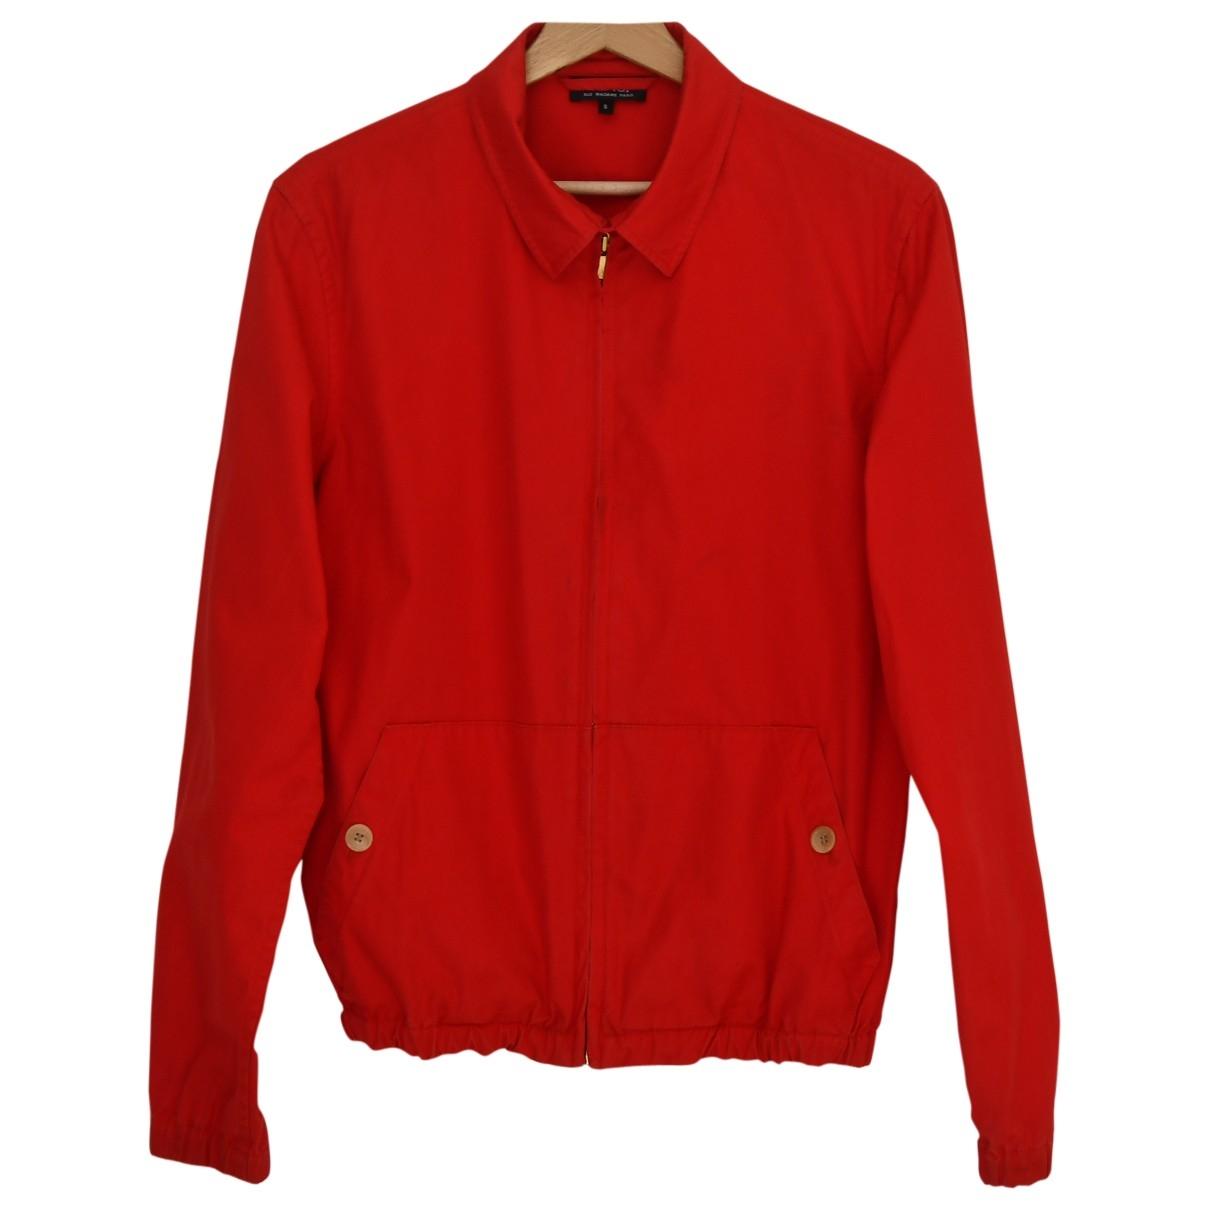 Apc \N Jacke in  Rot Baumwolle